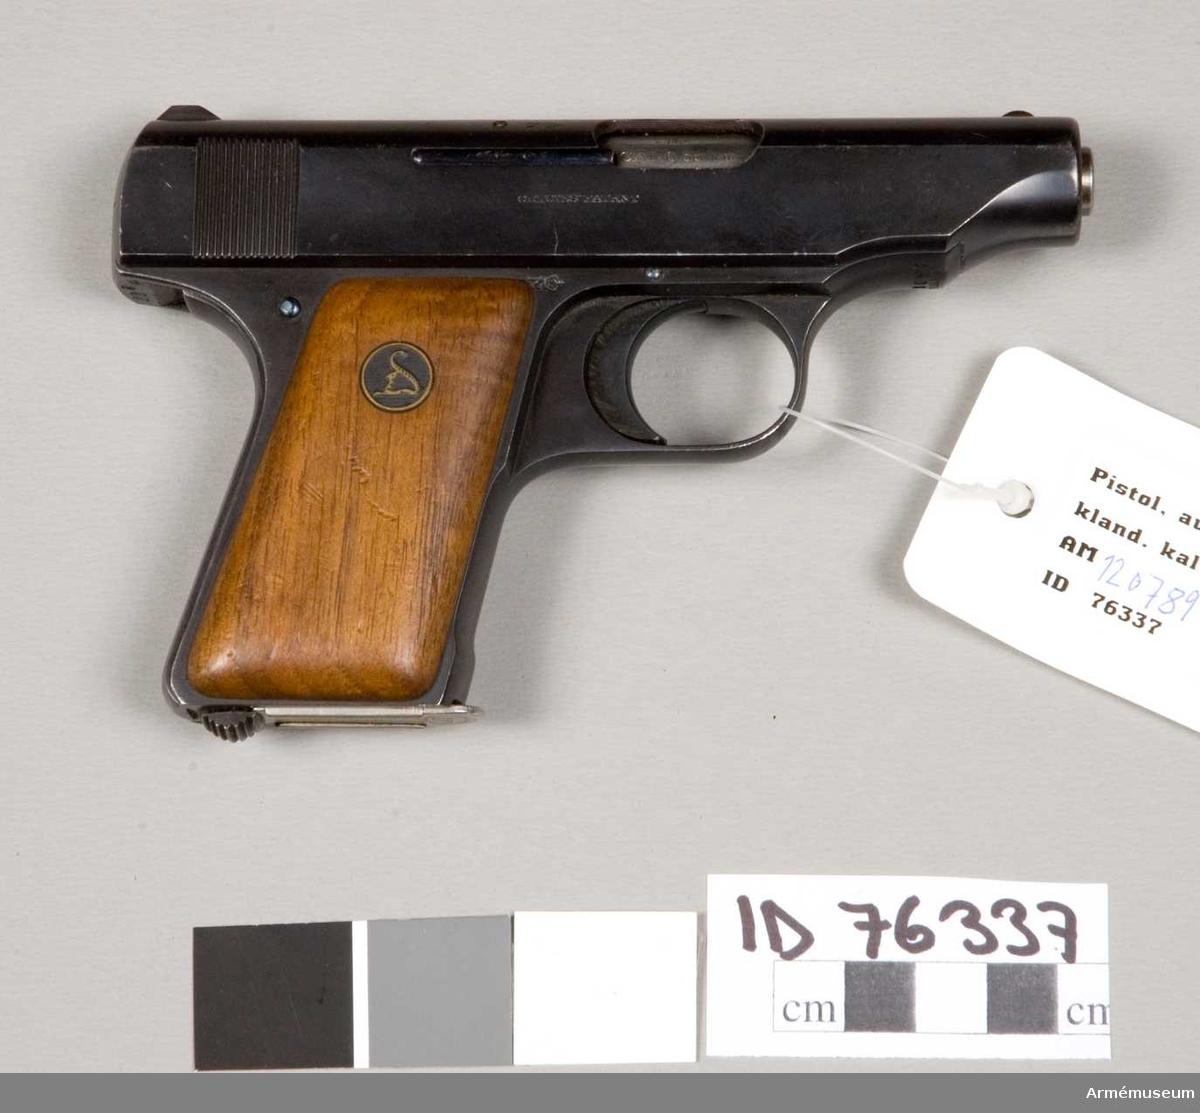 Grupp E III.  Med orginalmagasin. Pistolen är blånerad och har bruna släta kolvskenor, som pryds med ett S fornat märke, som troligen skall föreställa en orm. detta märke förekommer även på pipmanteln och magasinet. På mantelns bägge sidor står: DEUTSCHE WERKE WERK ERFURT Germany 130809.